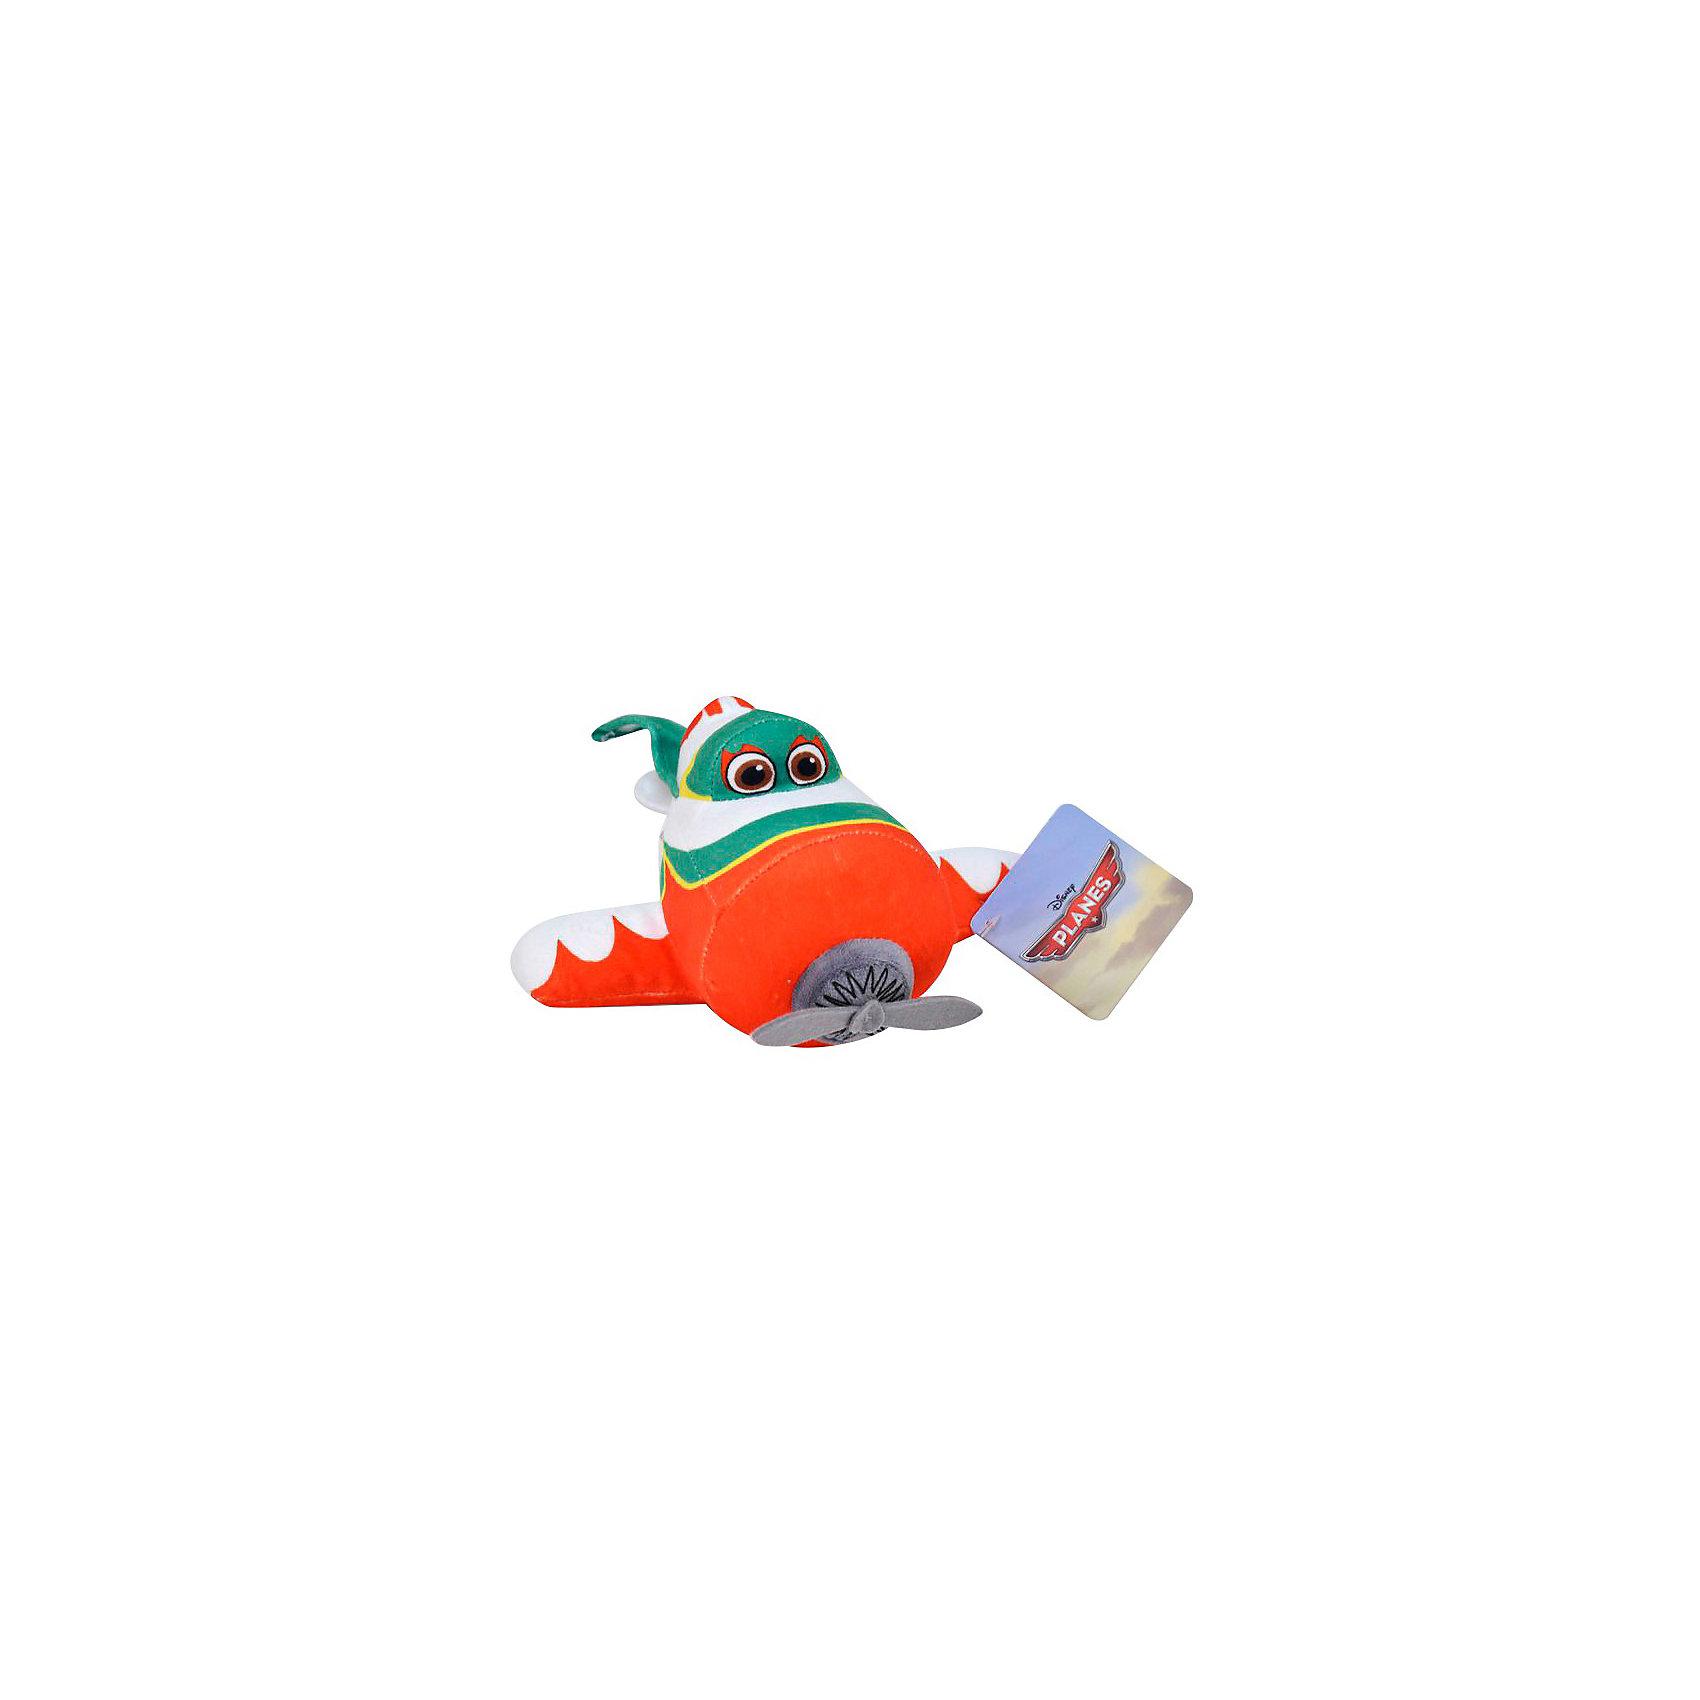 Мягкая игрушка Эль Чу, 20 см, СамолетыМягкая игрушка Эль Чу, 20 см, Самолеты -  очаровательная глазастая мягкая игрушка-самолетик, которая наверняка порадует Вашего ребенка!<br><br>Эль Чу (Эль Чупакабра) - герой нового и уже получившего популярность полнометражного диснеевского мультфильма Самолеты - мексиканский самолет, с циферкой 5 на хвосте. <br>Он - настоящая легенда в Мексике. Общаясь с ним, никогда не знаешь, что из его рассказов правда, а что - легенда, но гонкам он отдается целиком!<br><br>Дополнительная информация:<br><br>- Размер игрушки: 20 см.<br>- Материалы: текстиль.<br><br>Мягкую игрушку Эль Чу, 20 см, Самолеты можно купить в нашем интернет-магазине.<br><br>Ширина мм: 170<br>Глубина мм: 90<br>Высота мм: 100<br>Вес г: 90<br>Возраст от месяцев: 36<br>Возраст до месяцев: 192<br>Пол: Унисекс<br>Возраст: Детский<br>SKU: 3348050